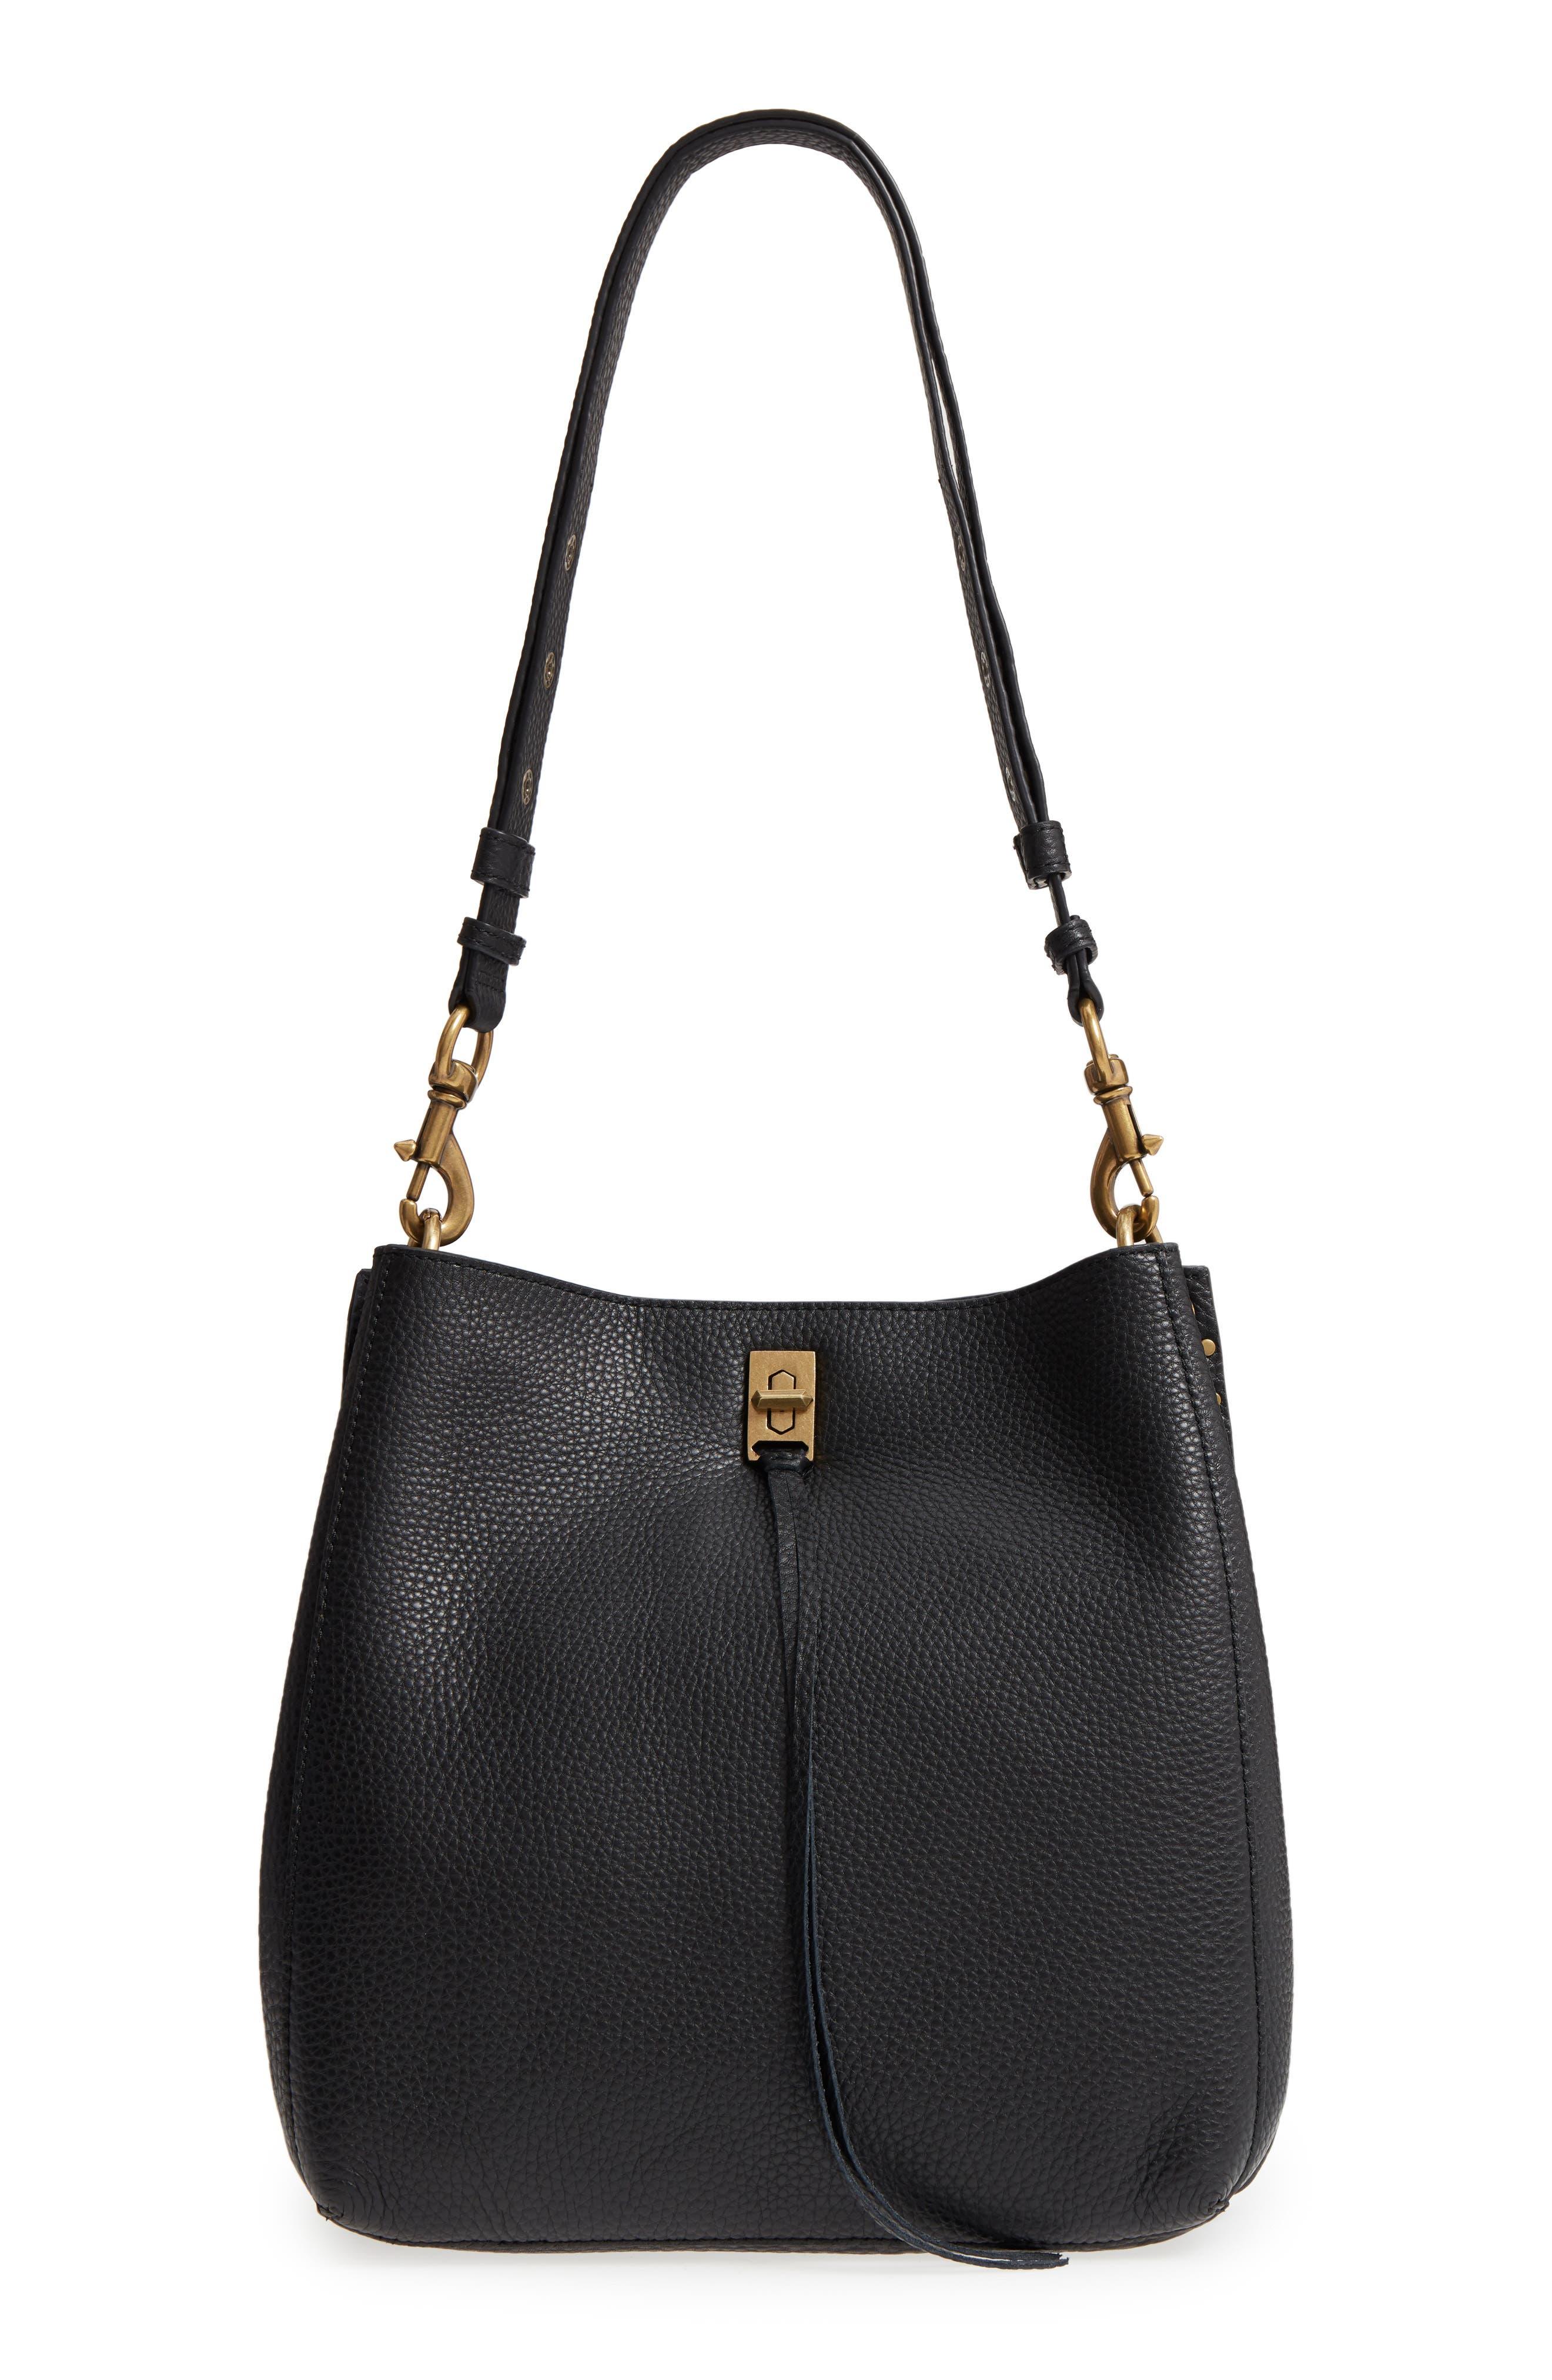 REBECCA MINKOFF Darren Deerskin Leather Shoulder Bag, Main, color, BLACK